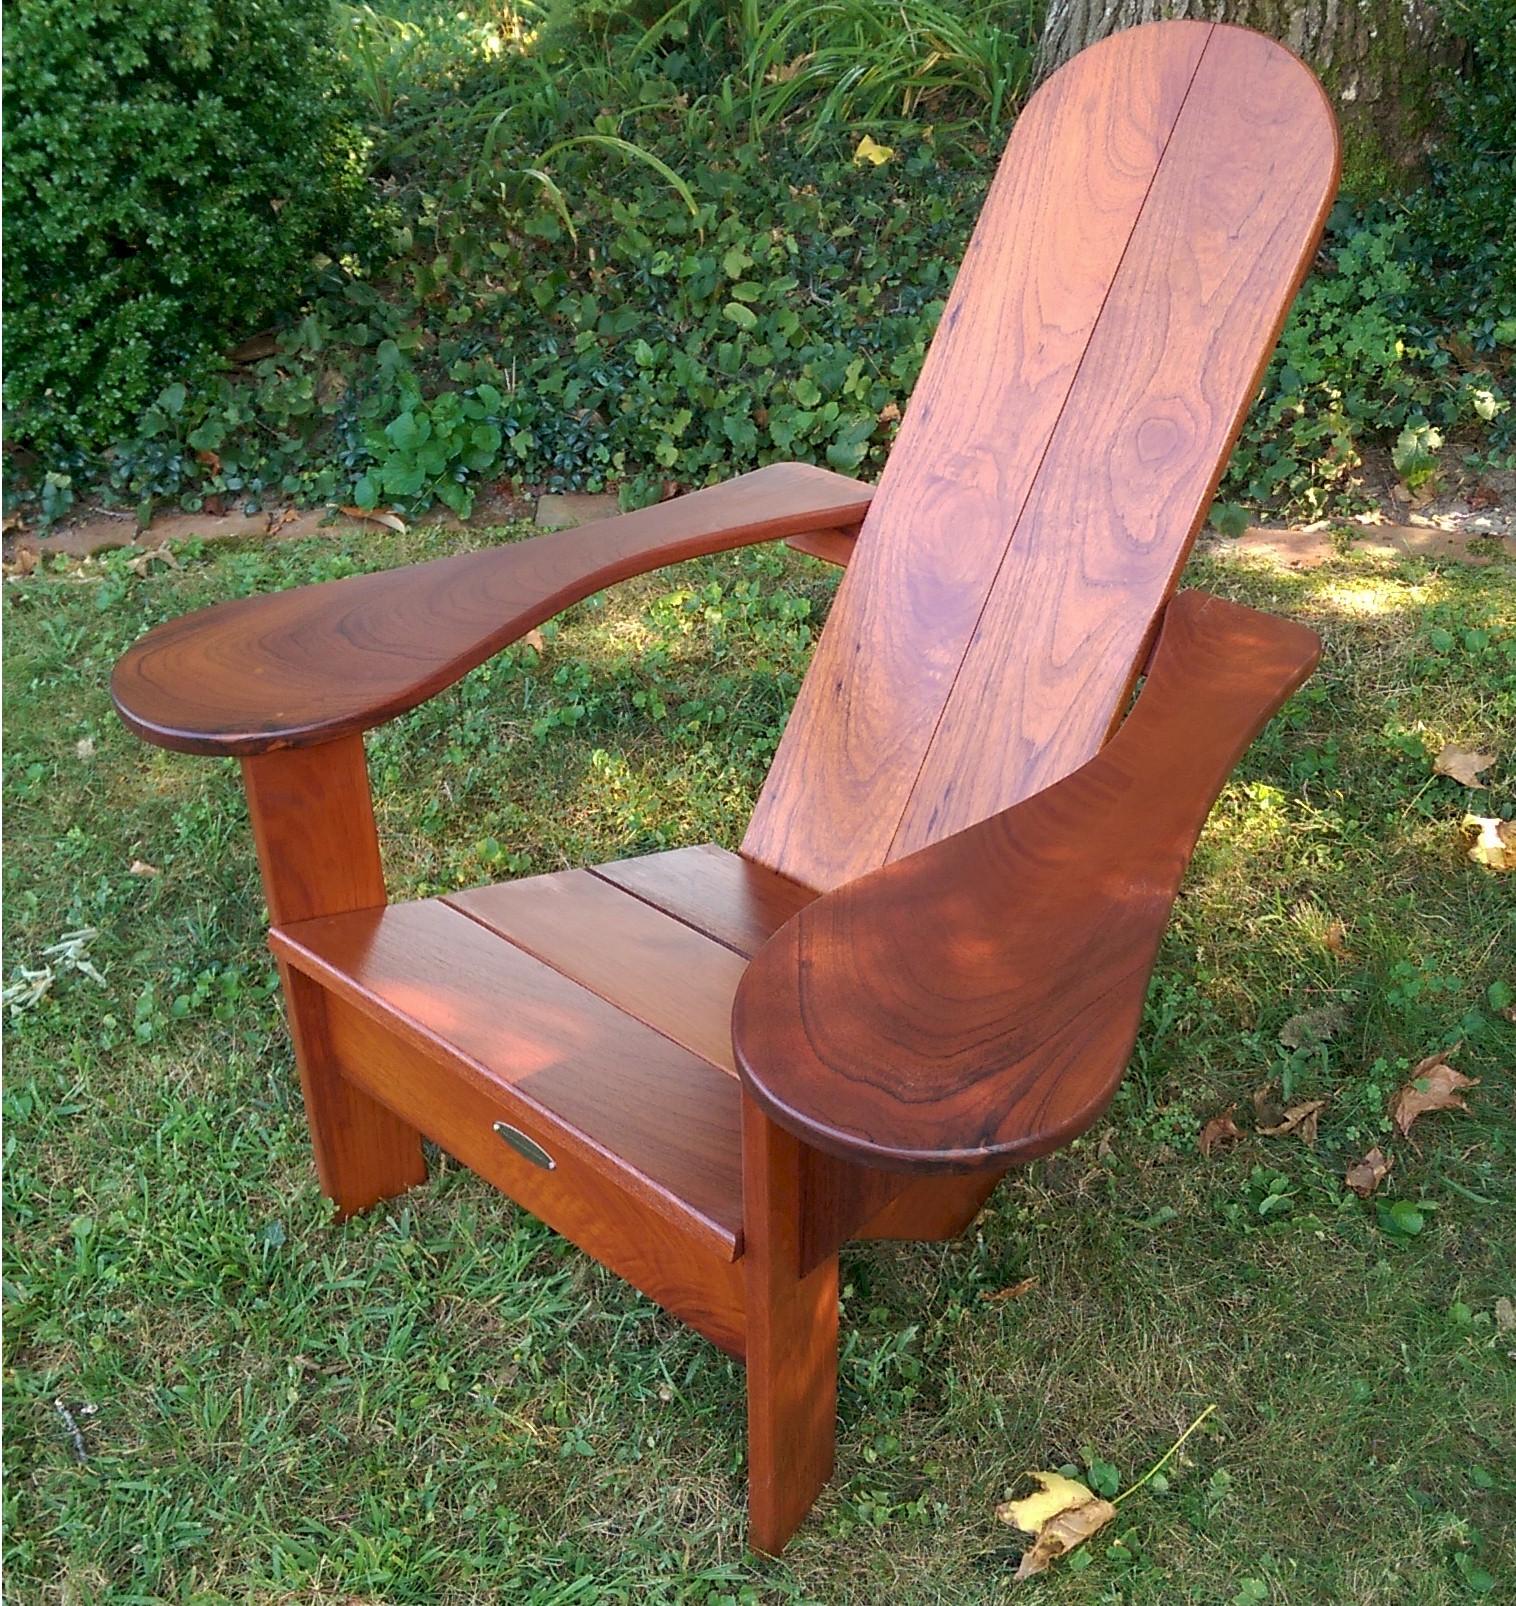 The Chesapeake Chair